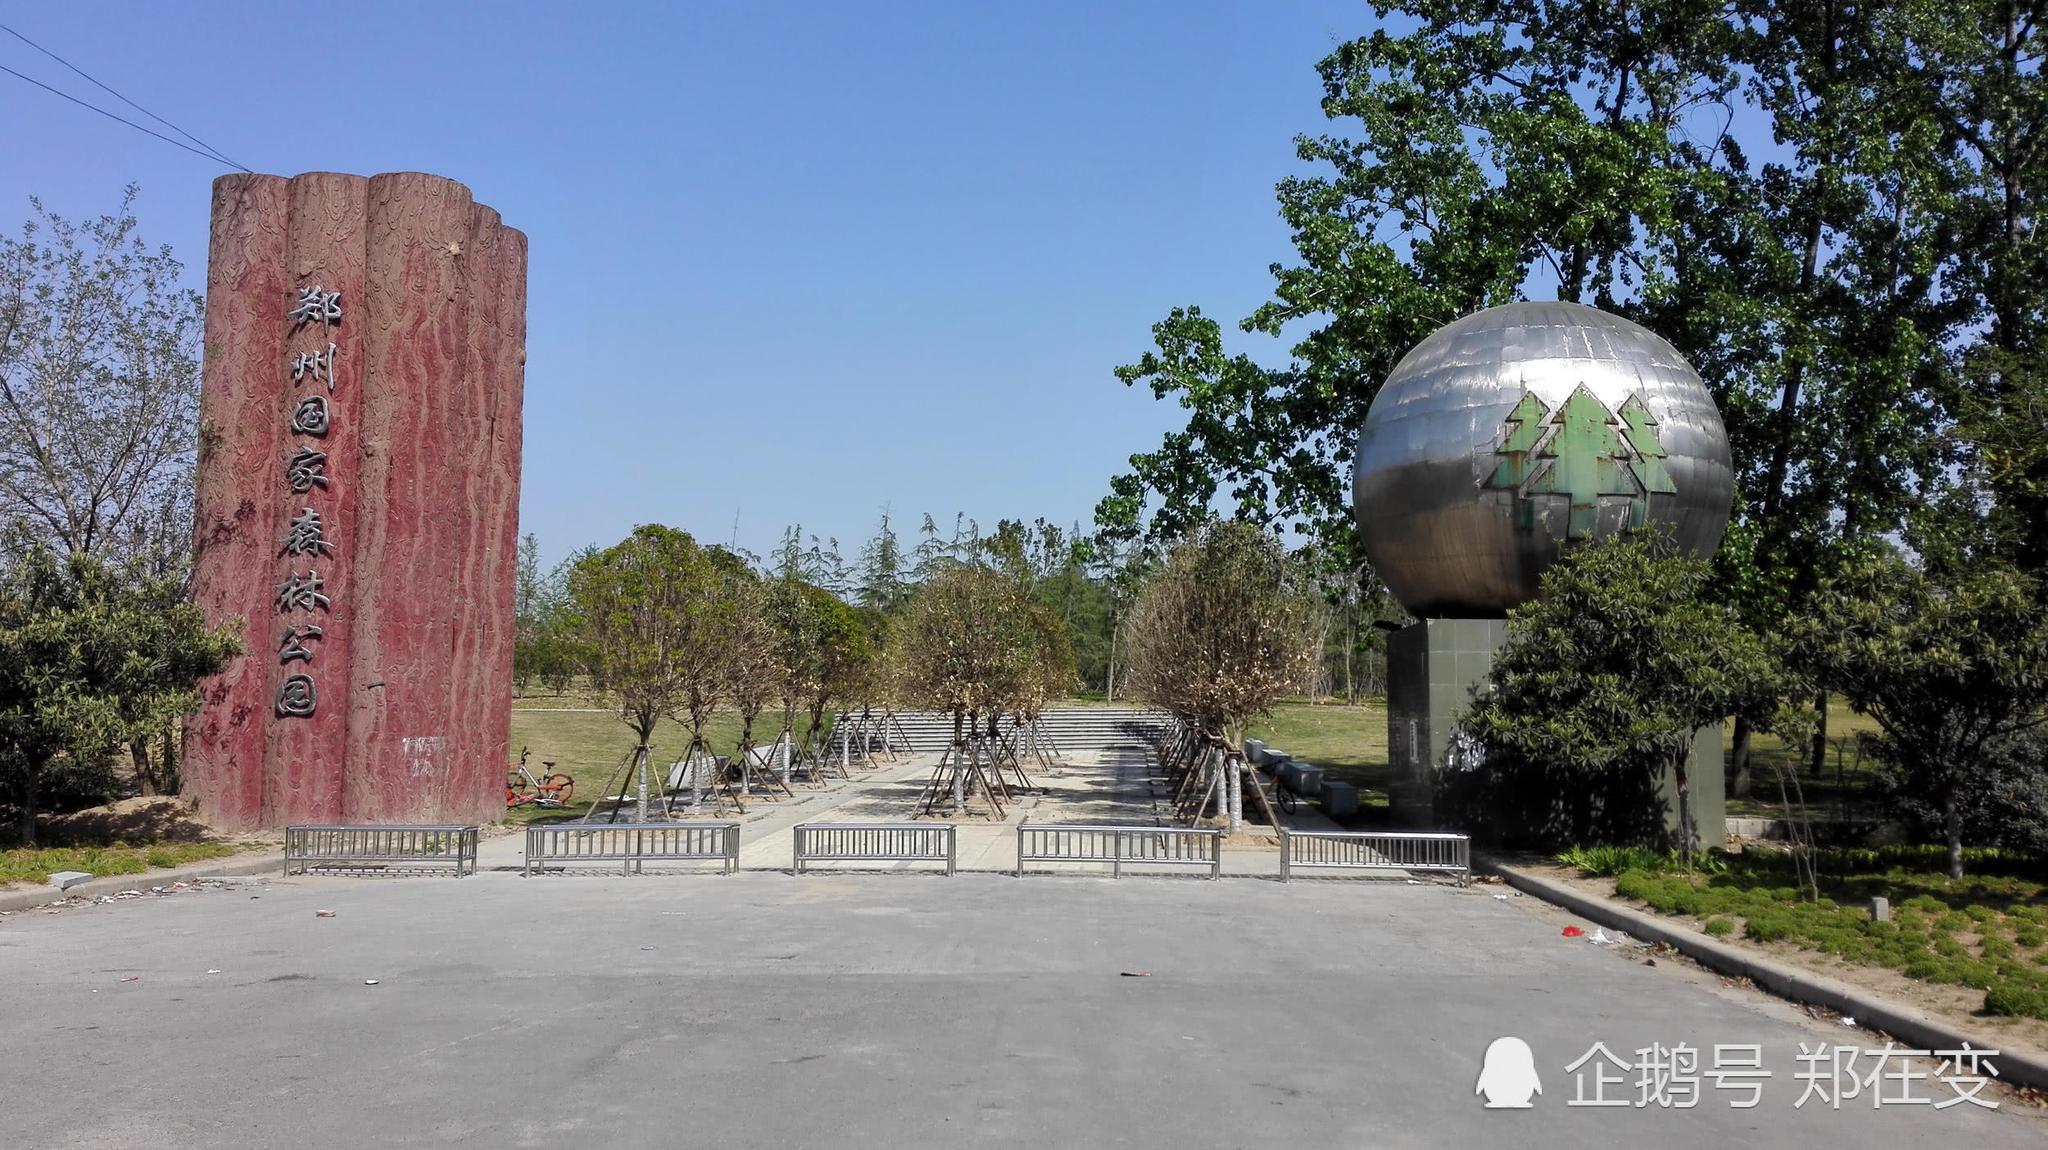 曾经的郑州国家森林公园,你知道现在变成什么样子了吗图片